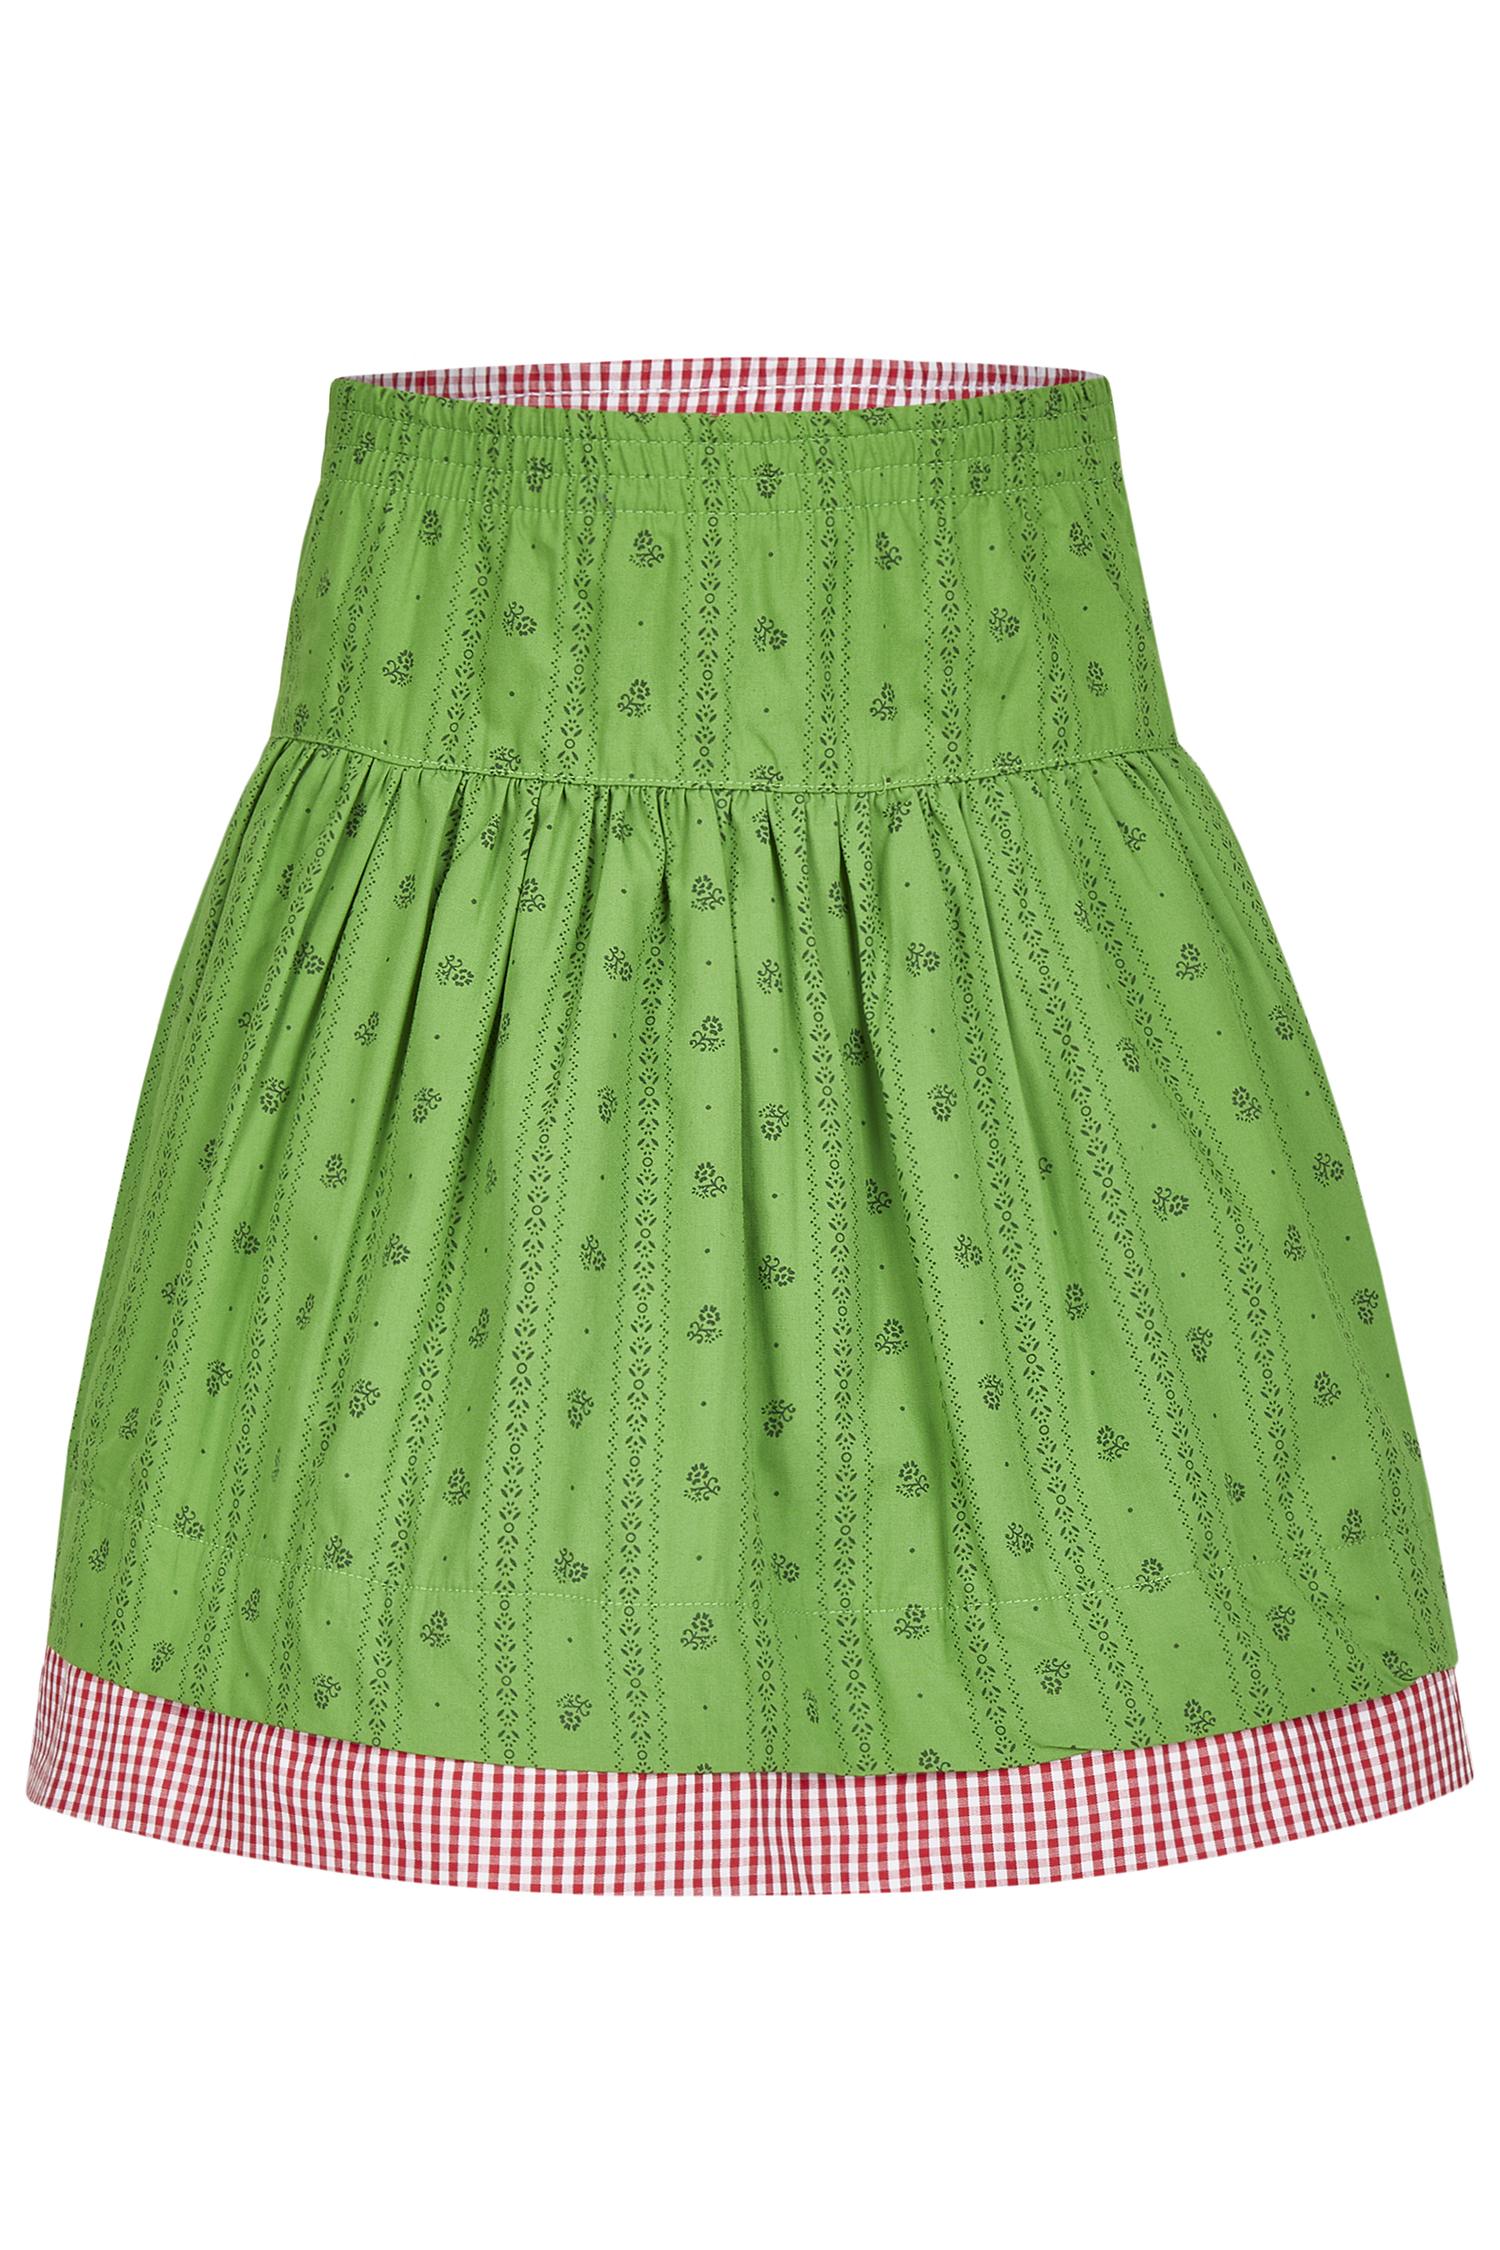 Kinder Wenderock 86 | grün